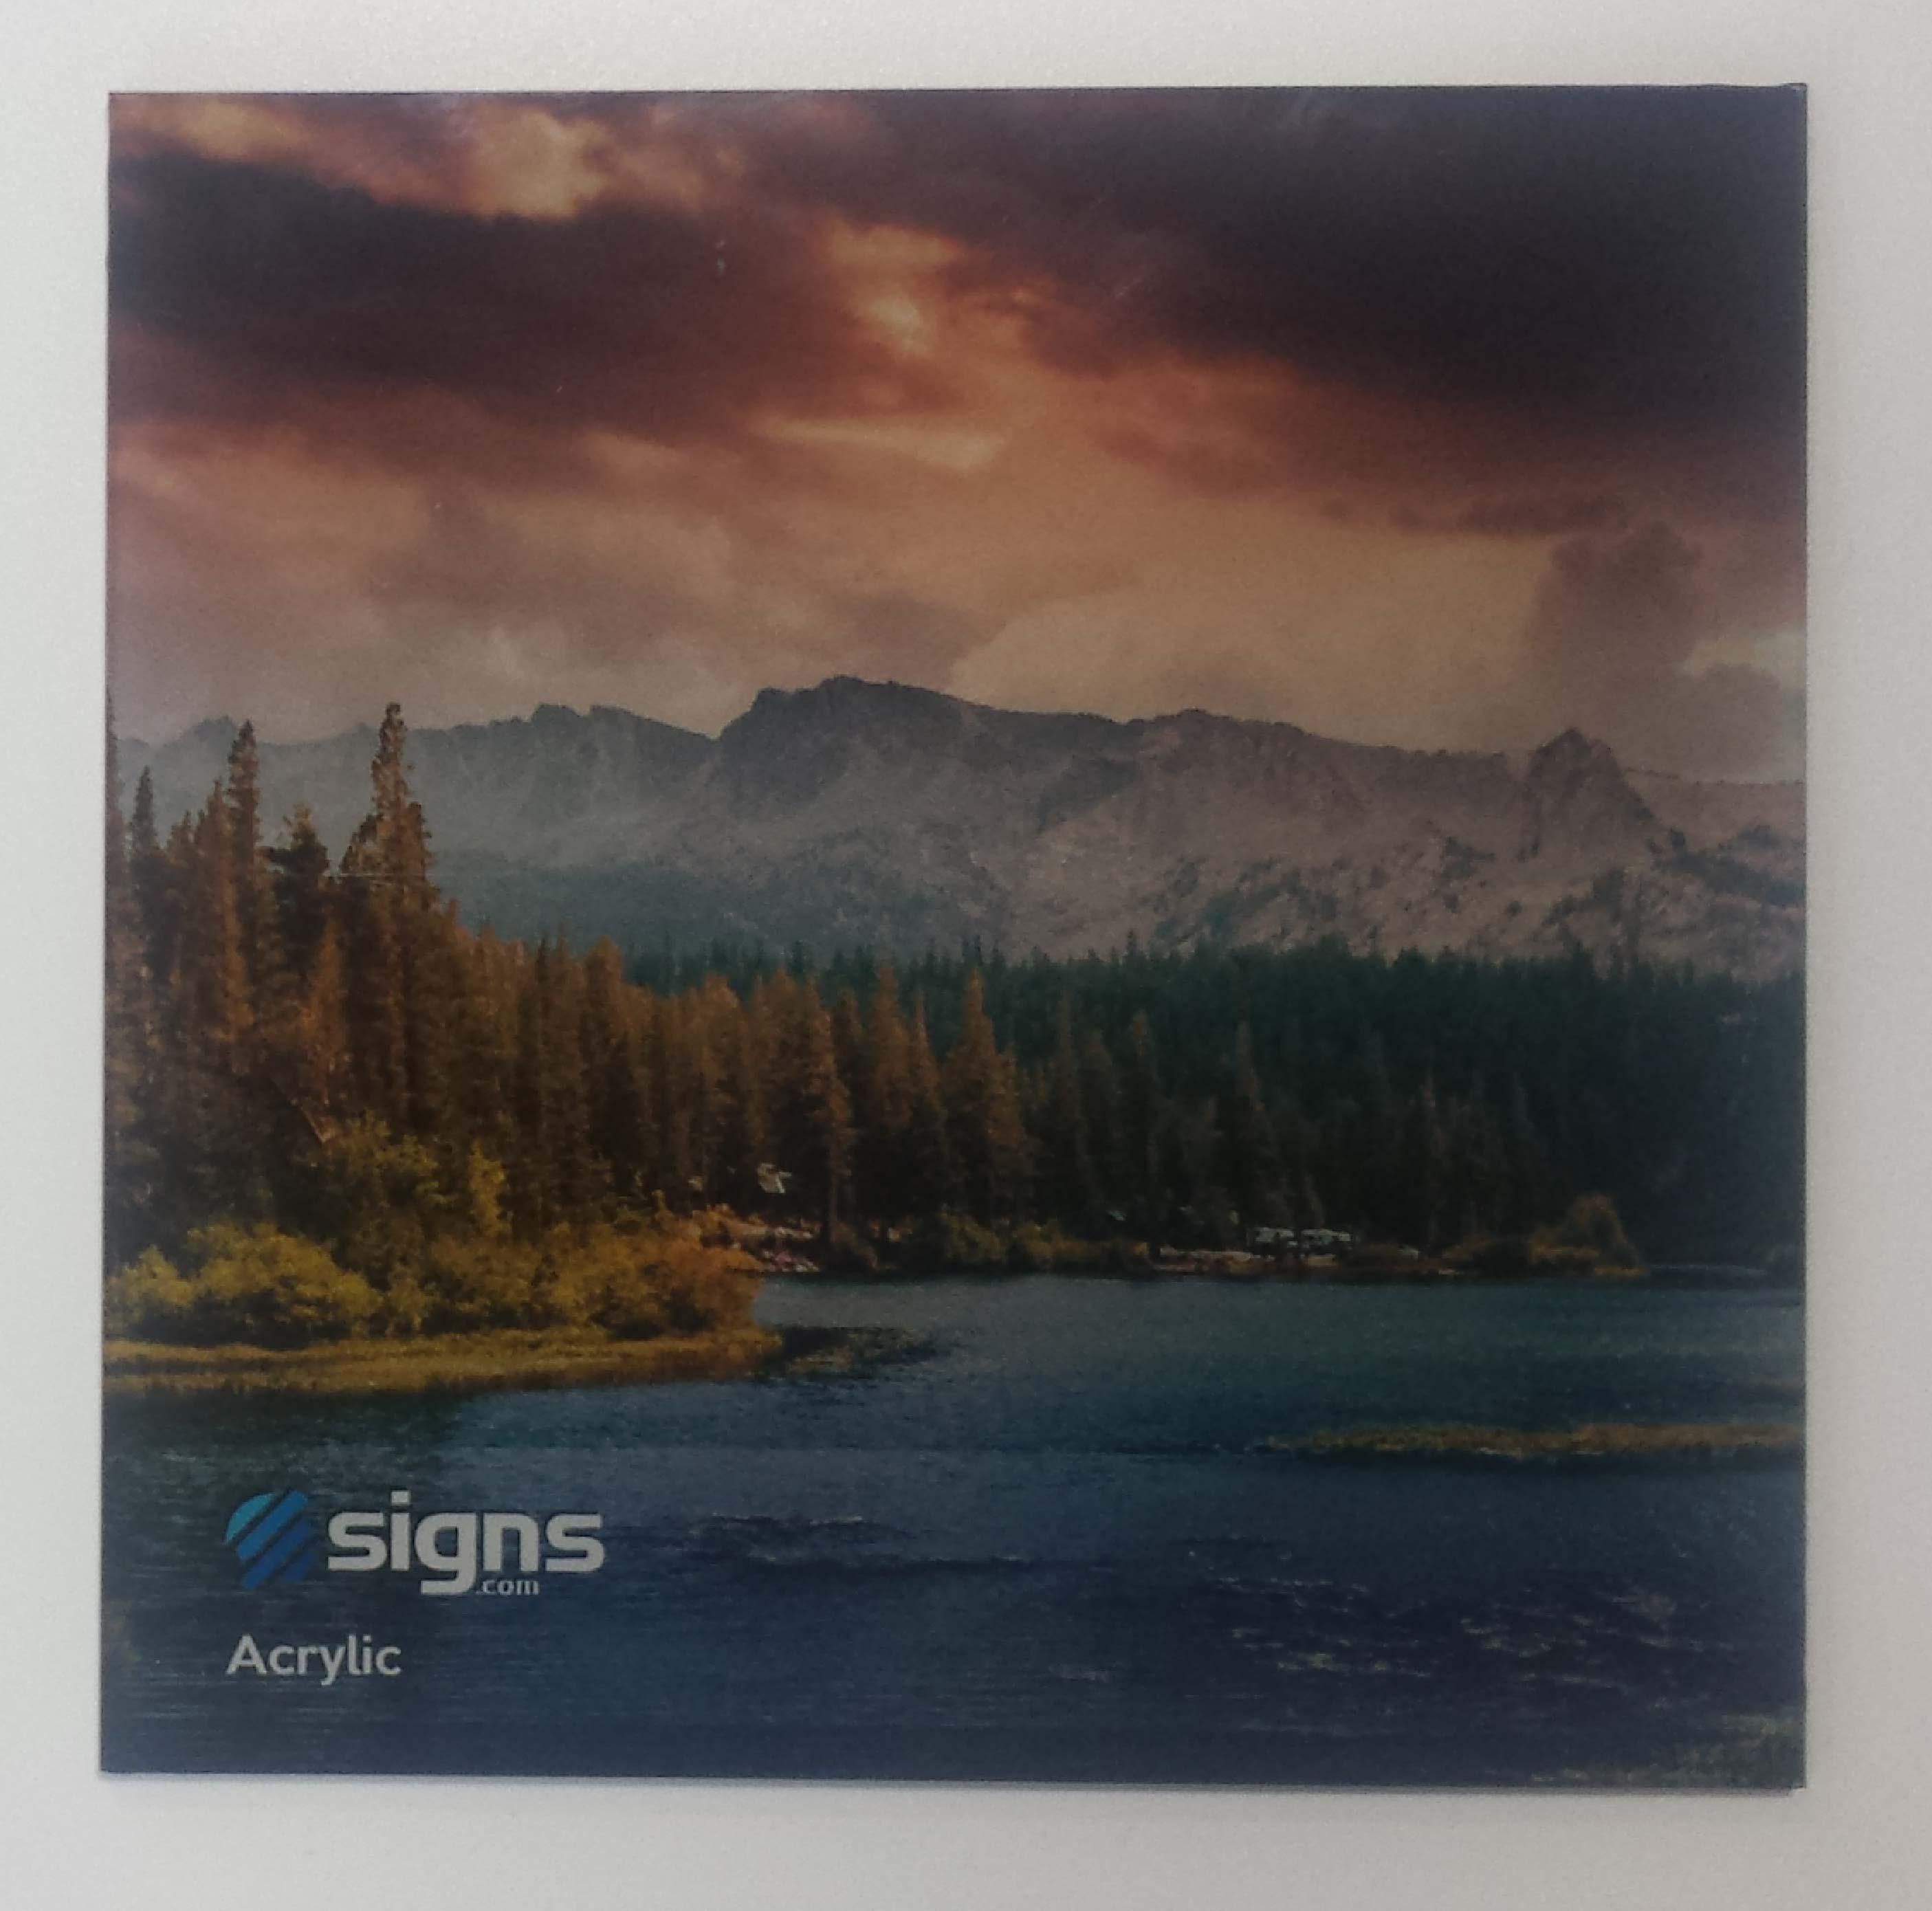 front side vs back side acrylic signage 101 signs com blog